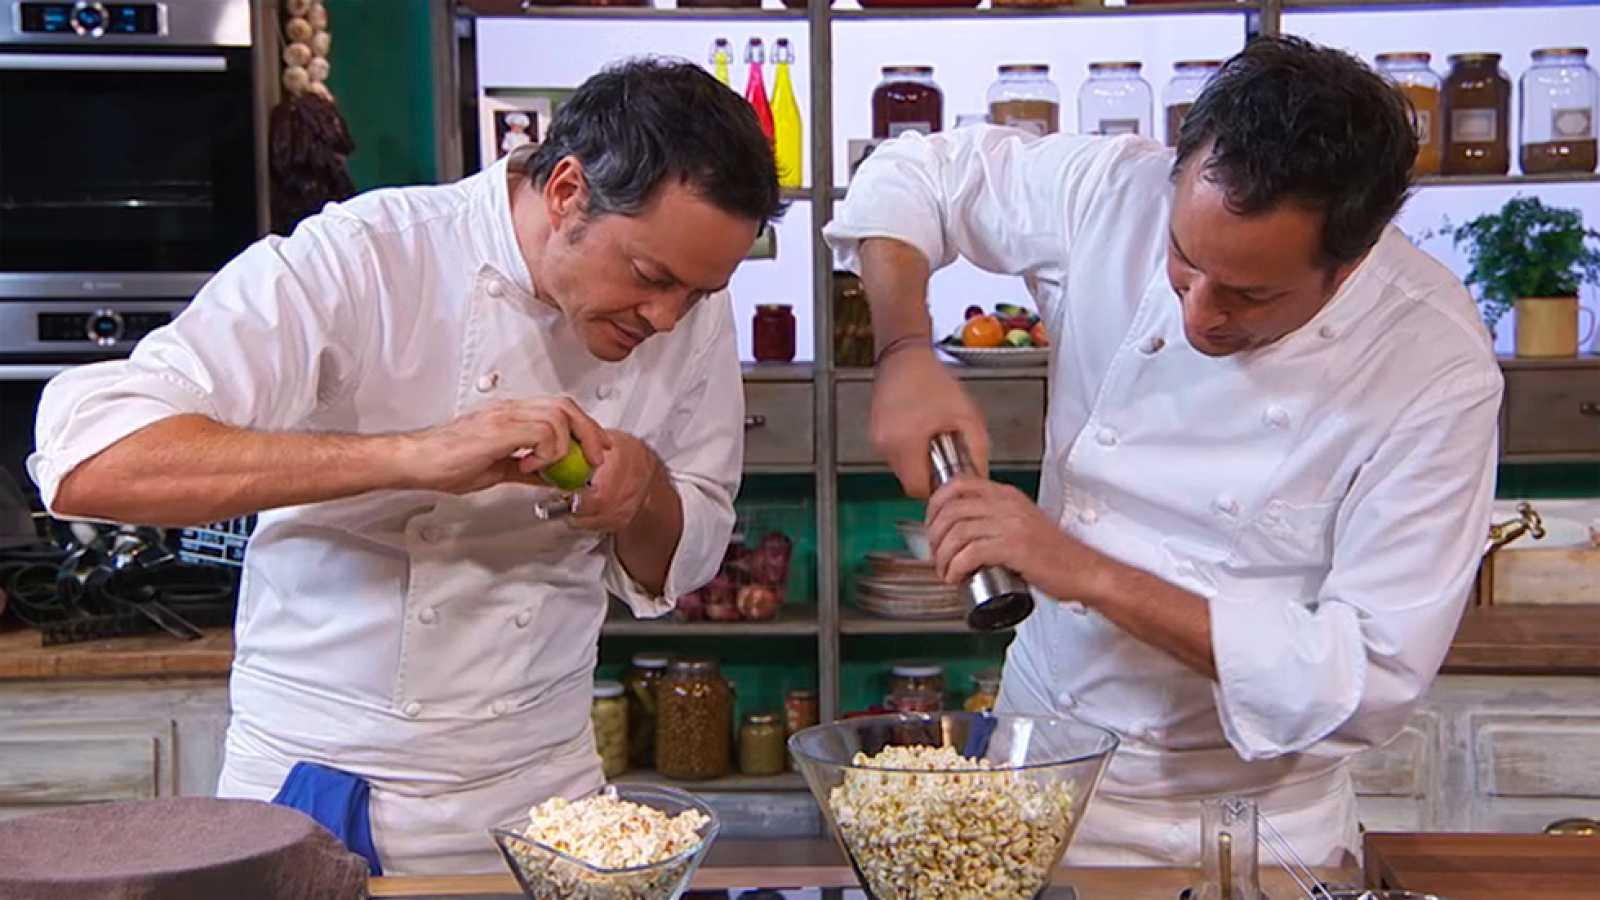 Receta de Palomitas de maíz caseras - Torres en la Cocina - RTVE.es